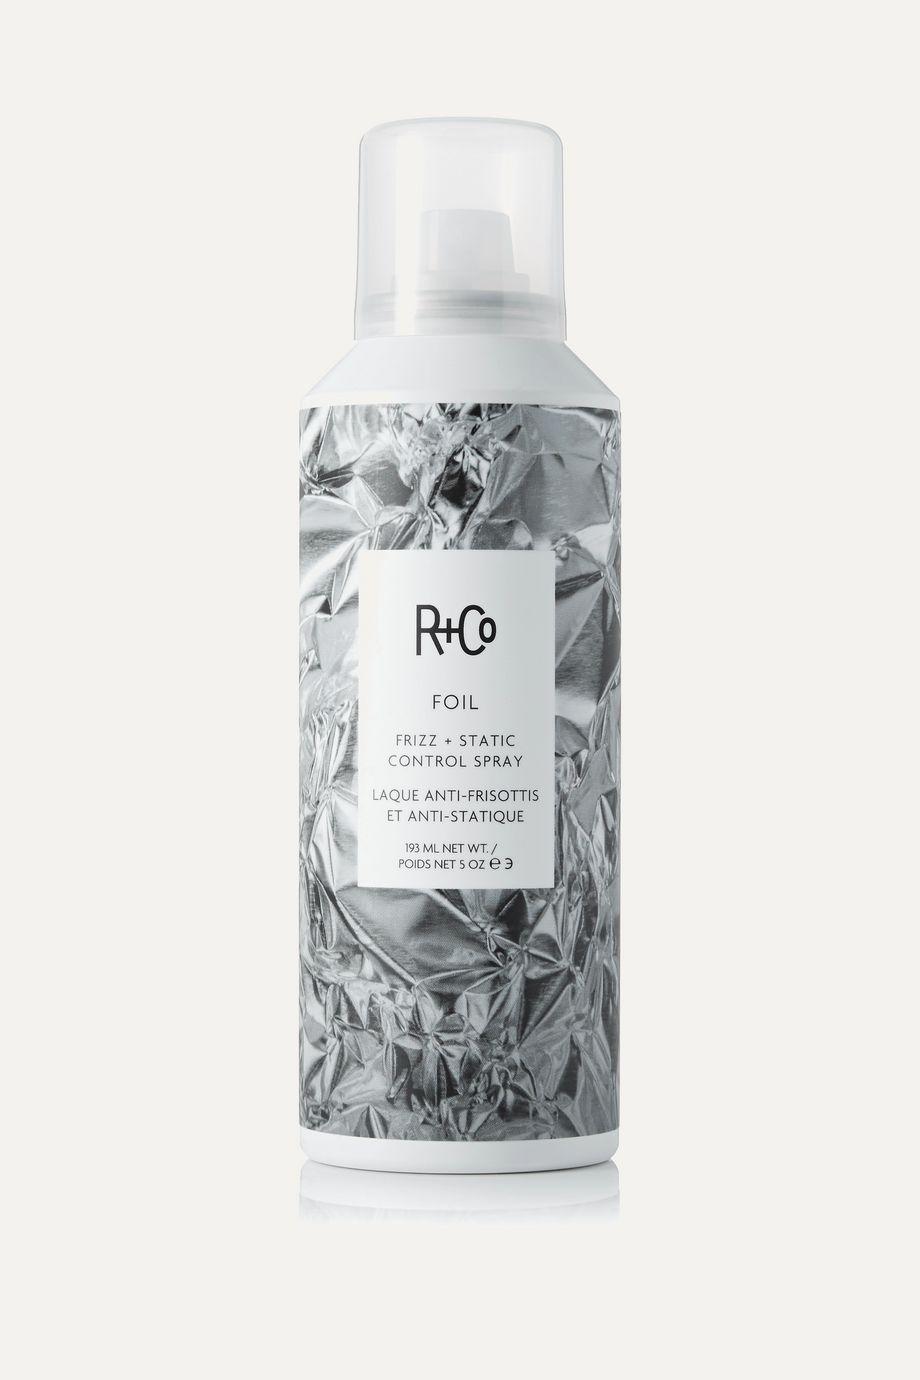 R+Co Foil Frizz + Static Control Spray, 193ml